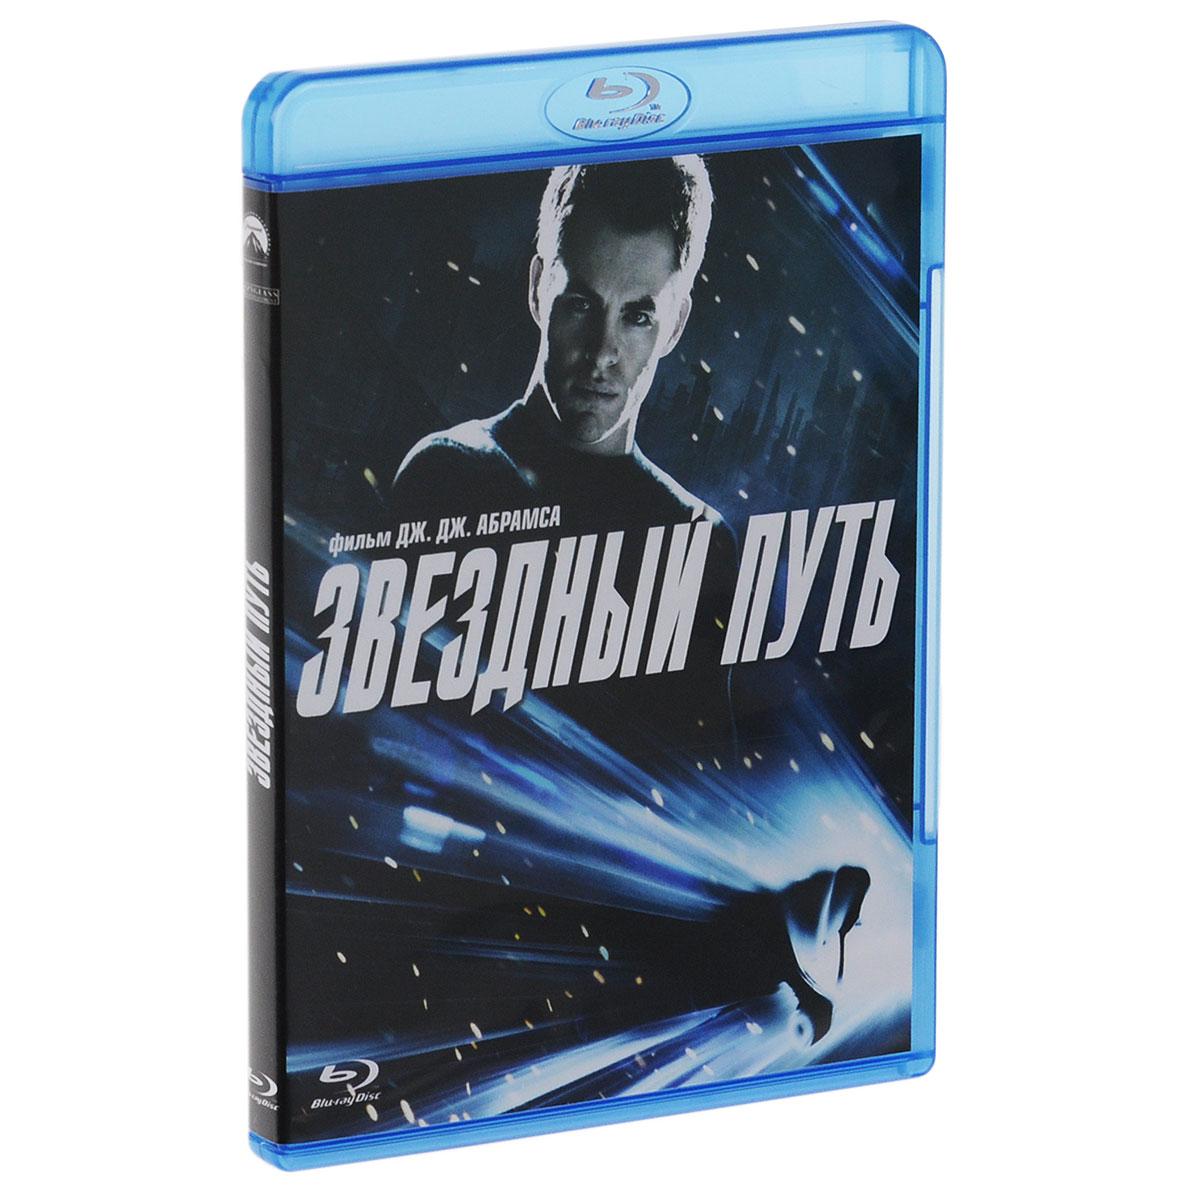 Звездный путь (Blu-ray) звездный путь blu ray